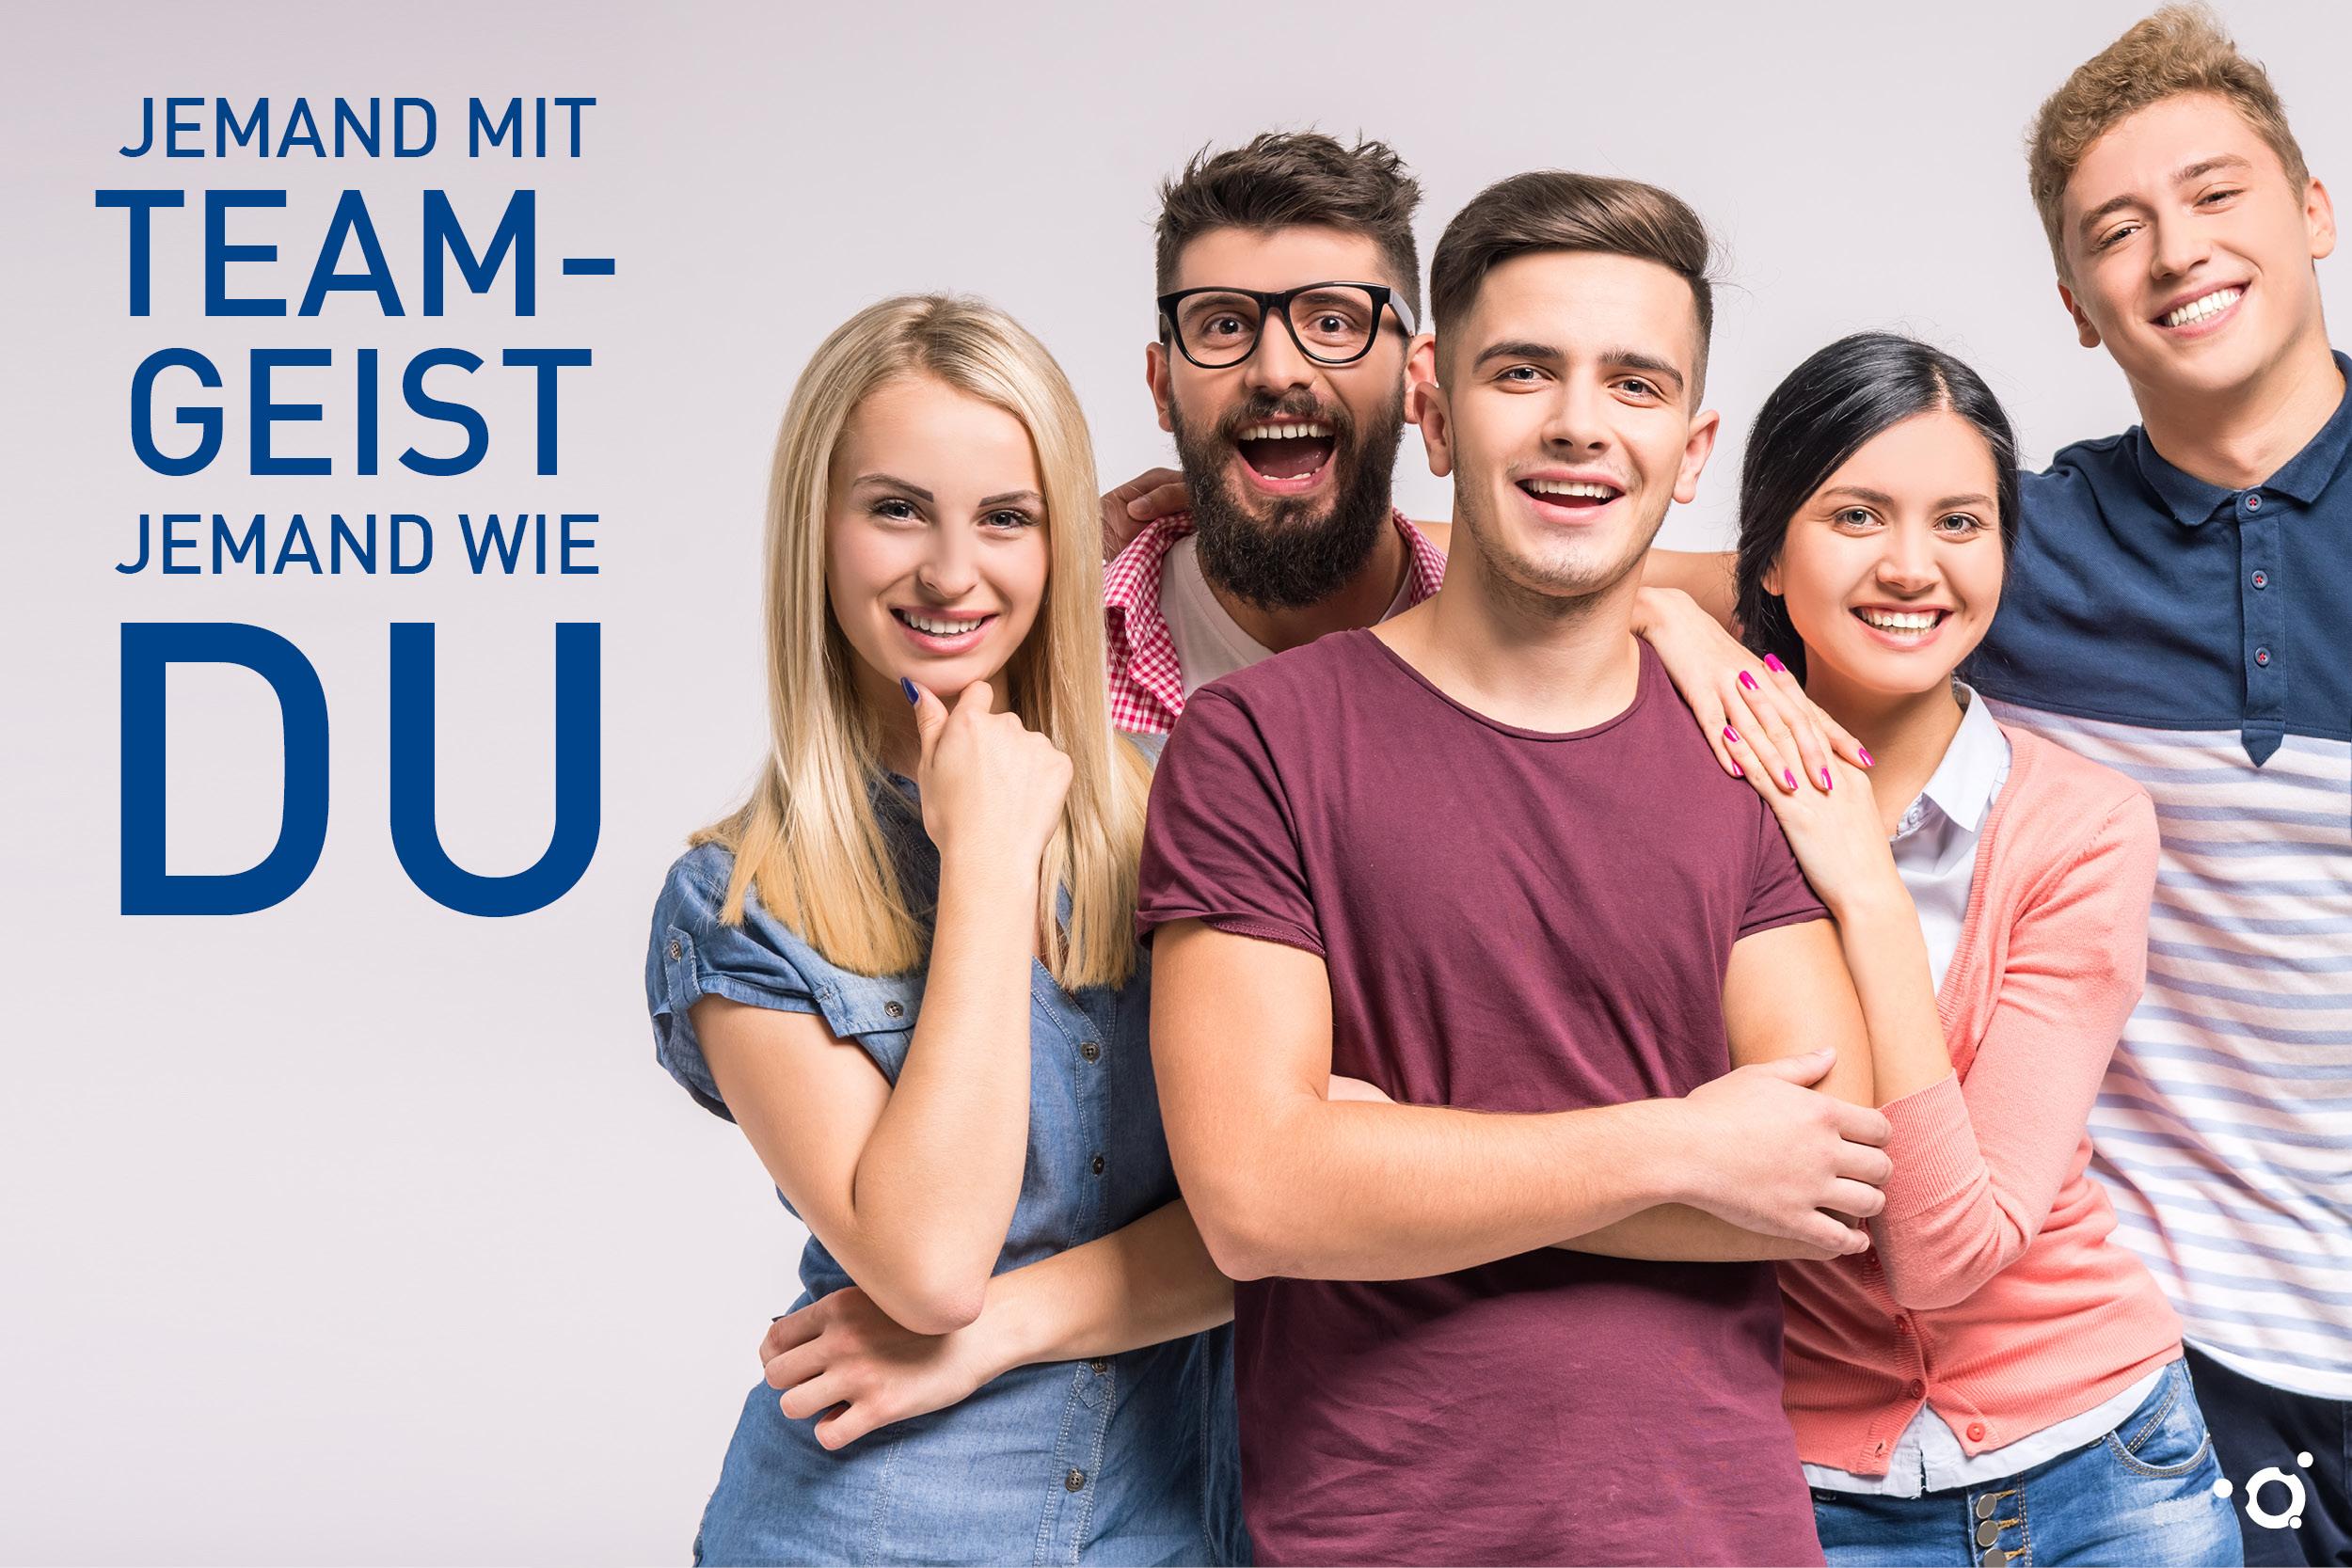 Imagebild der Azubi-Kampagne des Klinikums Ingolstadt: Jemand mit Teamgeist jemand wie DU!